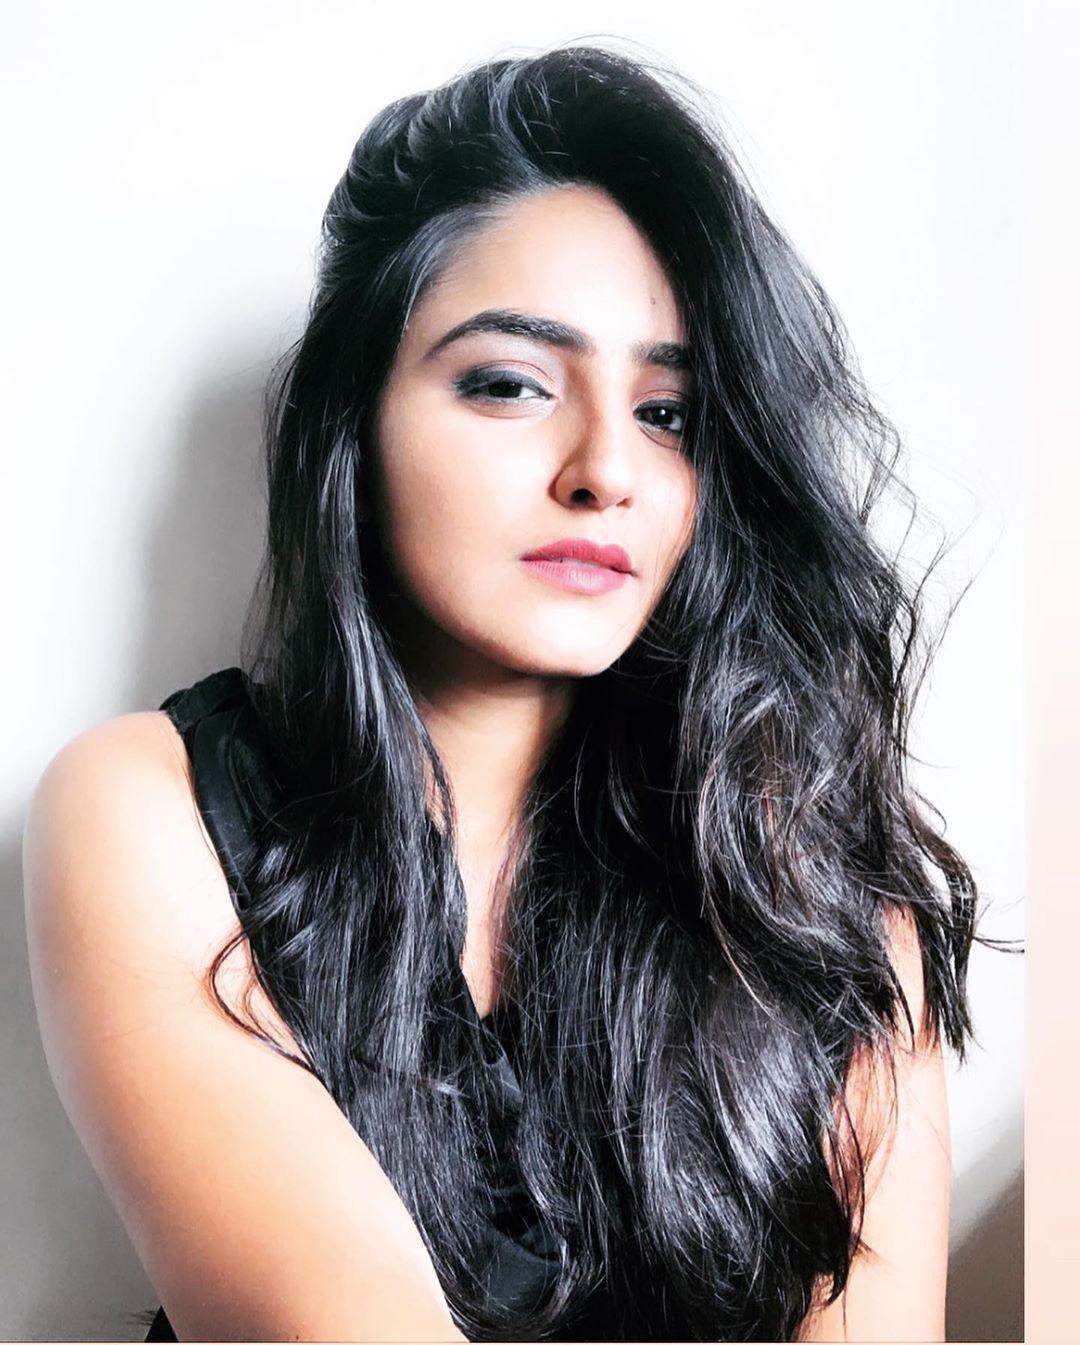 Kinjal Dhamecha Indian TikTok Star, Model